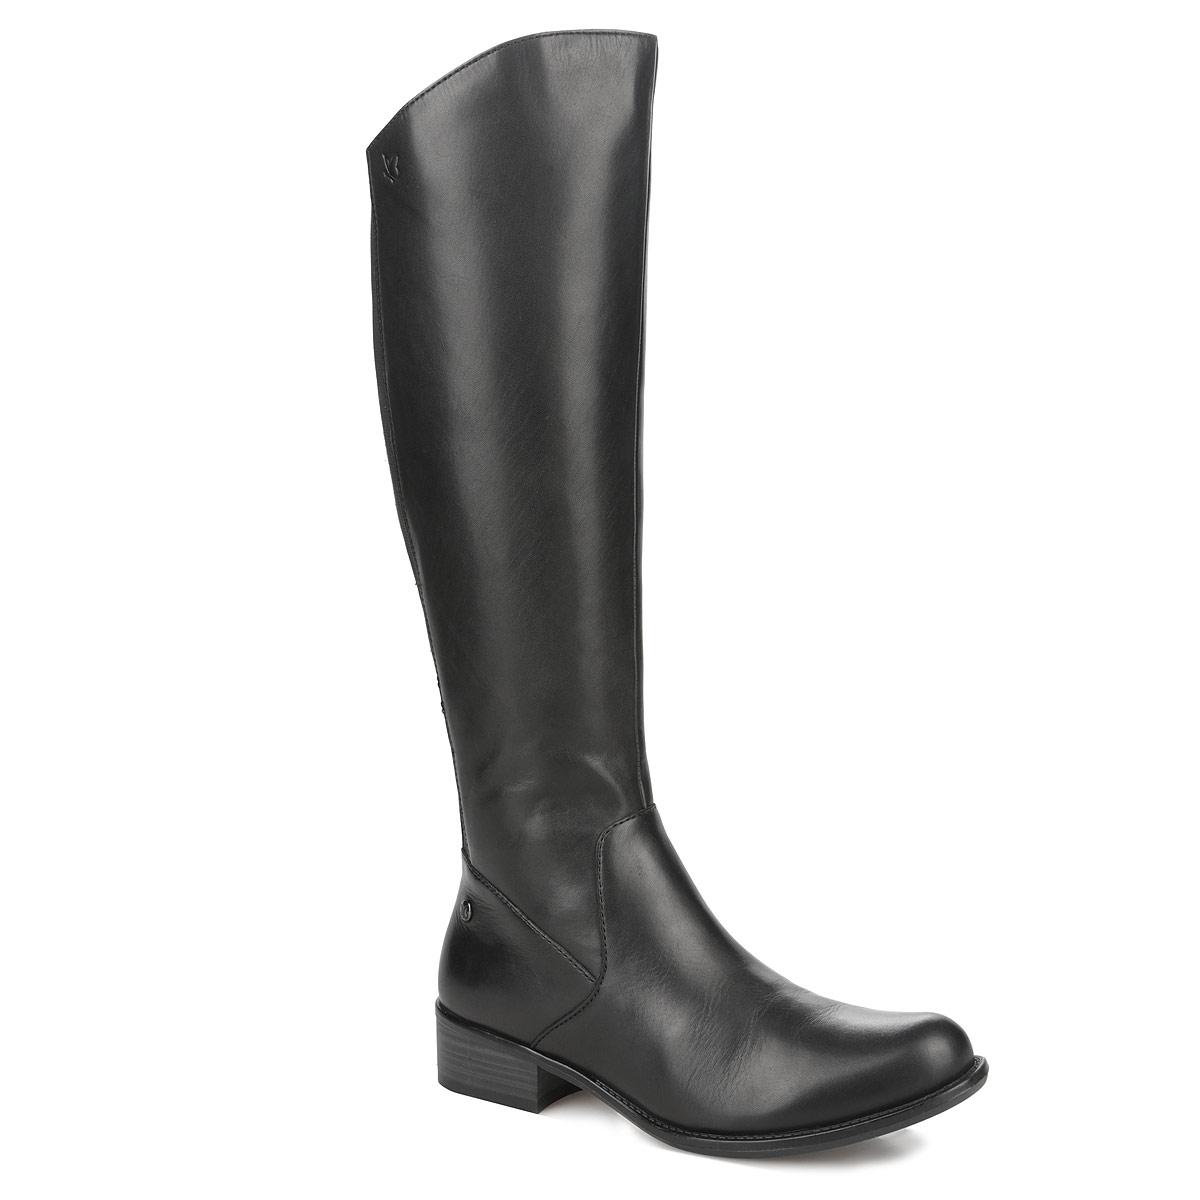 Сапоги женские. 9-9-25503-259-9-25503-25-001Стильные женские сапоги от Сарriсе не оставят равнодушной настоящую модницу! Верх выполнен из натуральной кожи. Вдоль задней части голенища расположены две стрейчевые вставки, которые гарантируют оптимальную посадку обуви на ноги. Вкладная стелька и подкладка выполнены из мягкого текстиля. Сапоги застегиваются на боковую застежку-молнию. Резиновая подошва с рельефной поверхностью обеспечивает отличное сцепление на скользкой поверхности. Низкий каблук удобен при ходьбе. Такие модные сапоги отлично подчеркнут ваш стиль и индивидуальность.